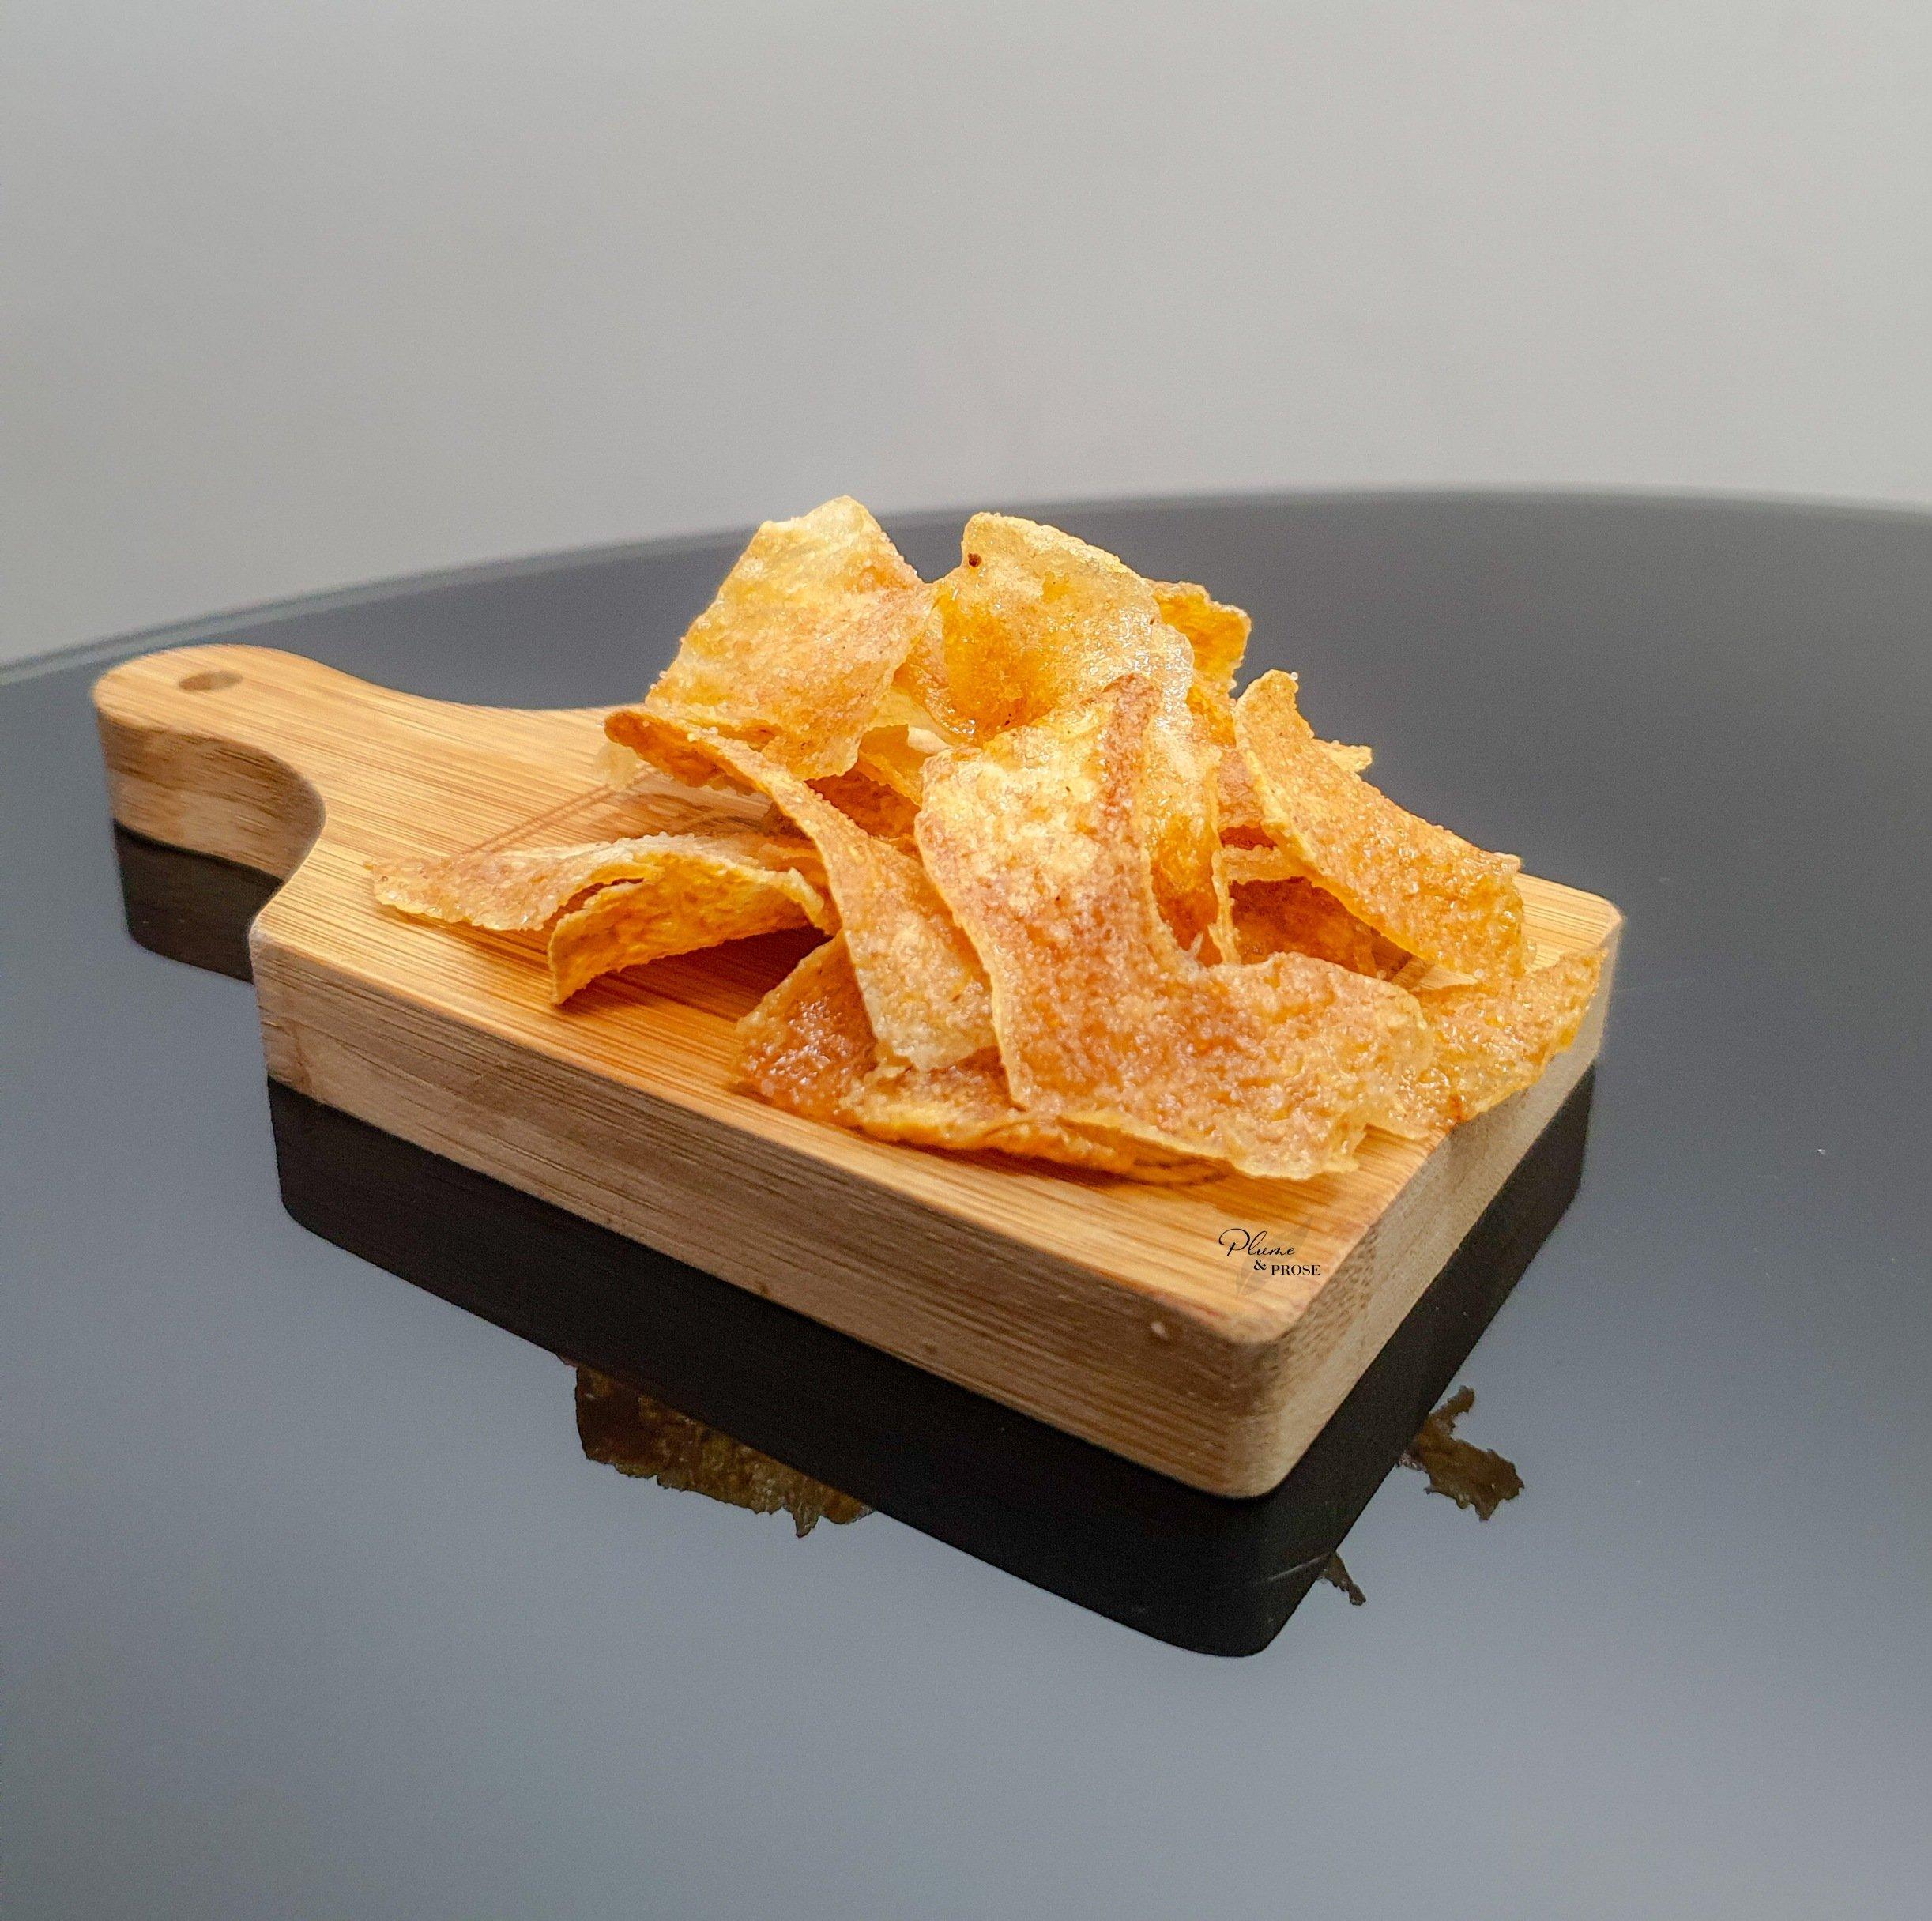 Croustillez pour ces chips d'igname Burkinabè